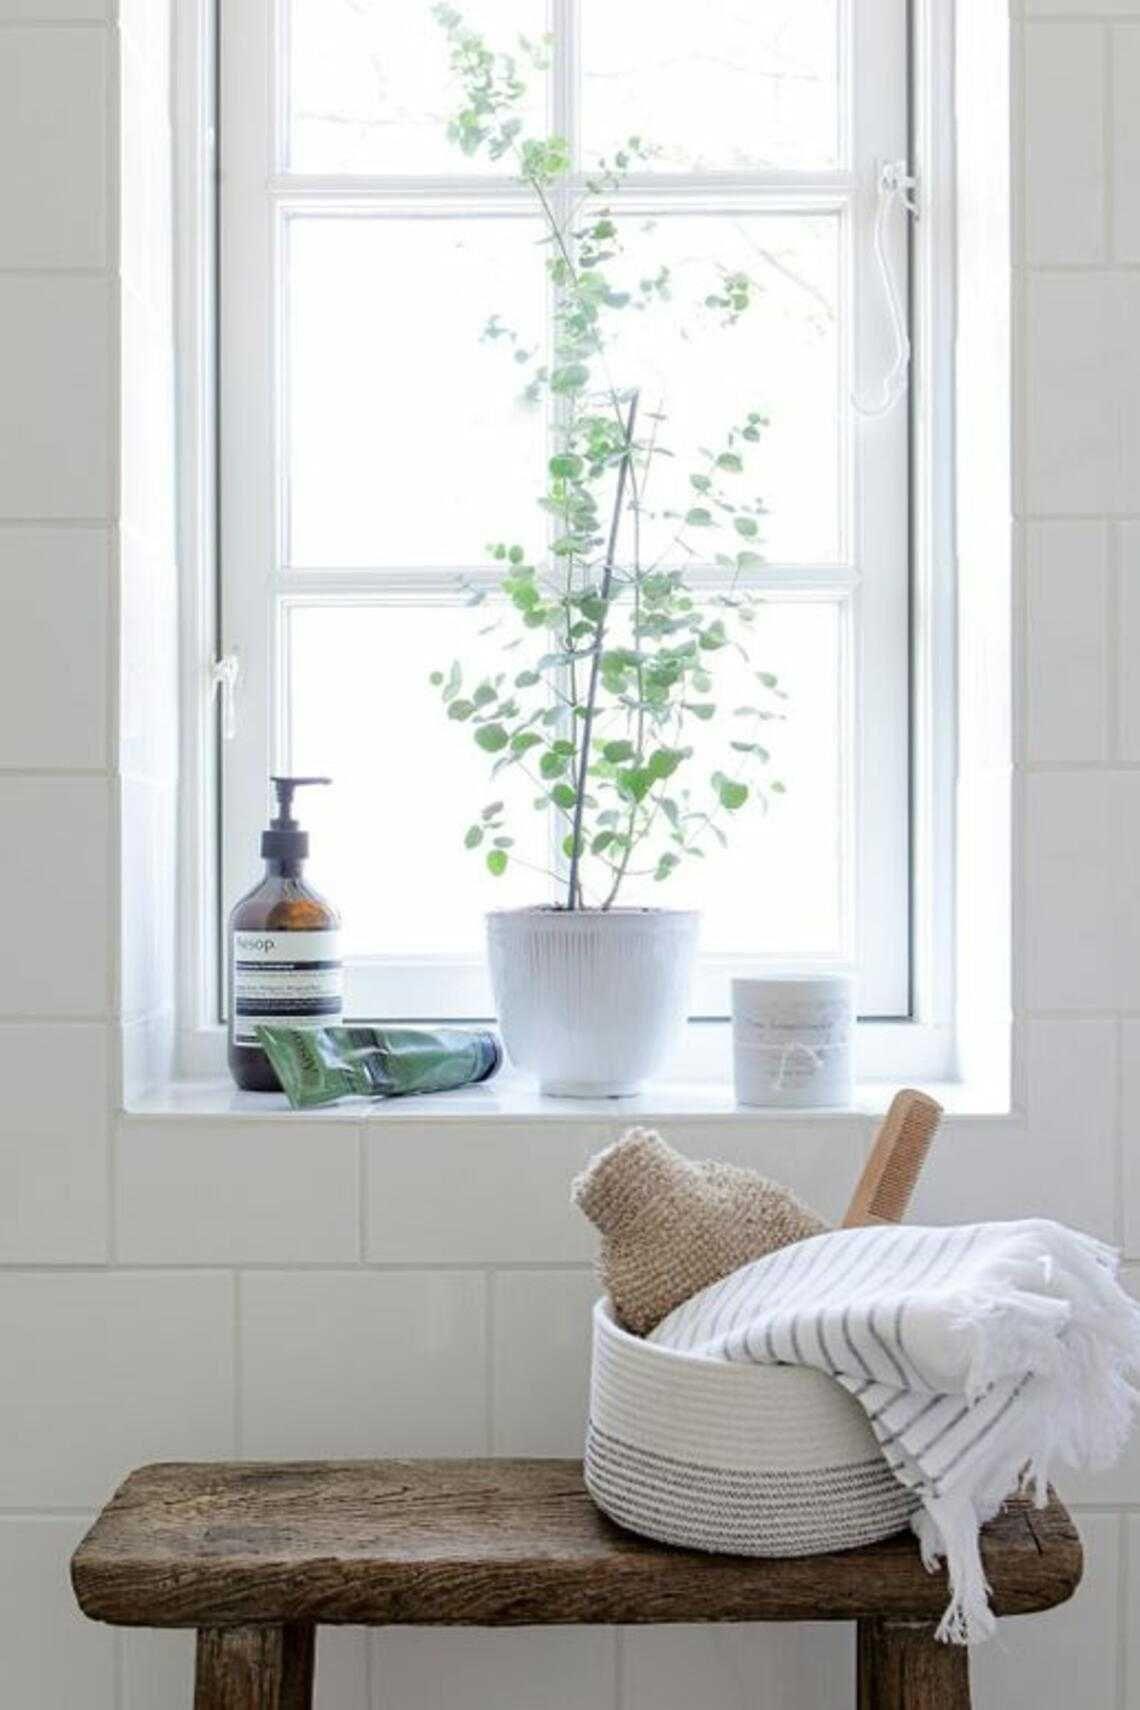 Zeig Mir Dein Fensterbrett Schweizer Illustrierte Badezimmer Fenster Ideen Kleines Bad Dekorieren Kuchen Fensterbank